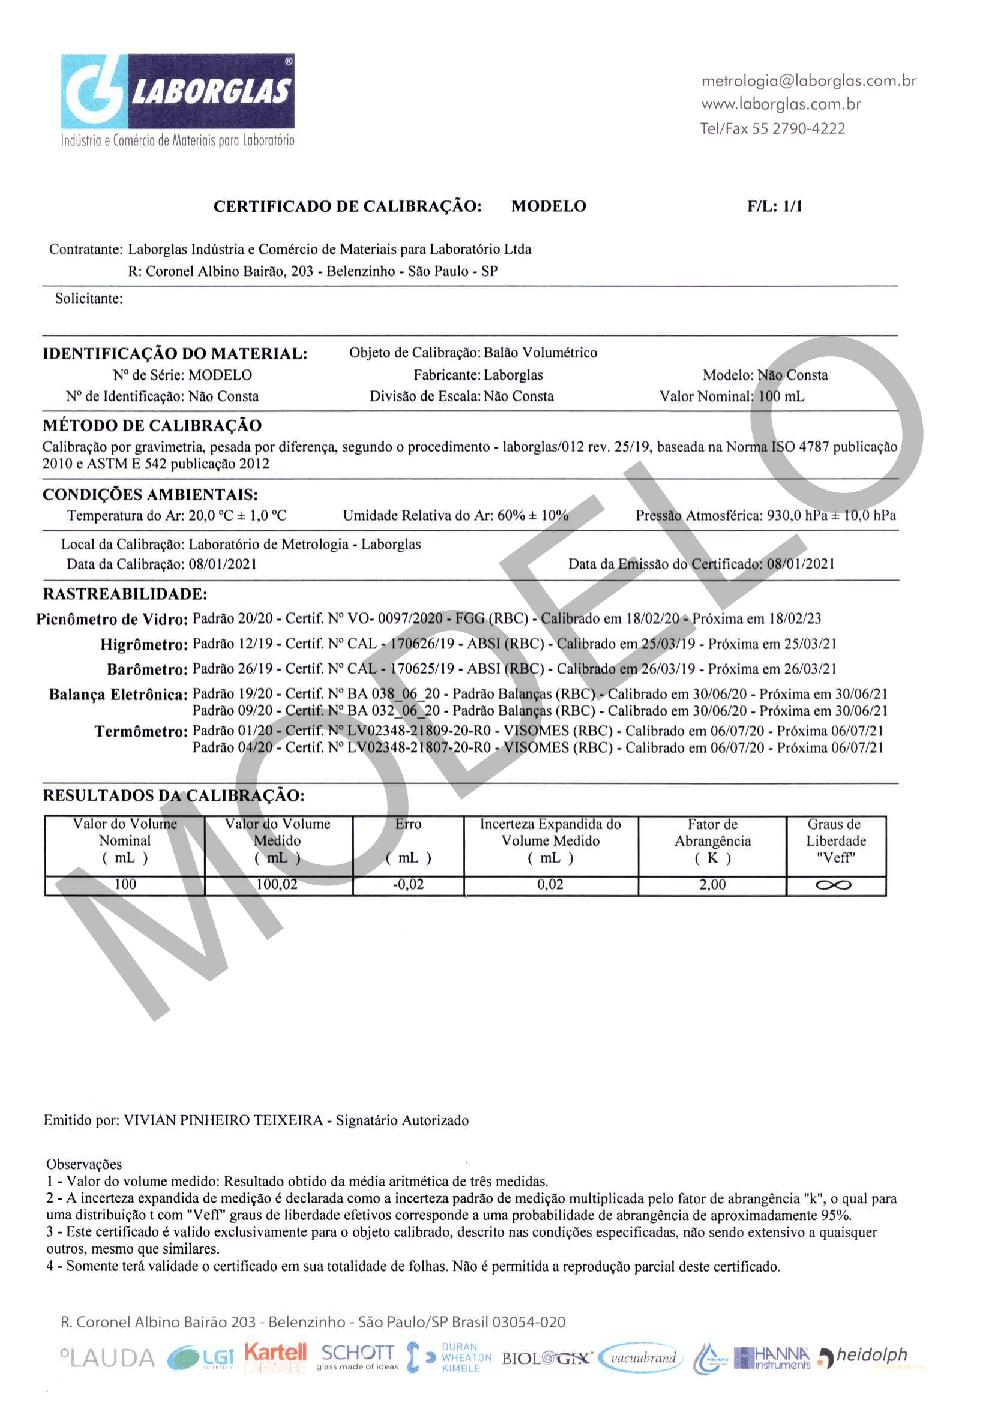 BALÃO VOLUMÉTRICO CLASSE A ROLHA POLI C/ CERTIFICADO RASTREÁVEL 5 ML - Marca Laborglas - Cód. 9167807-C